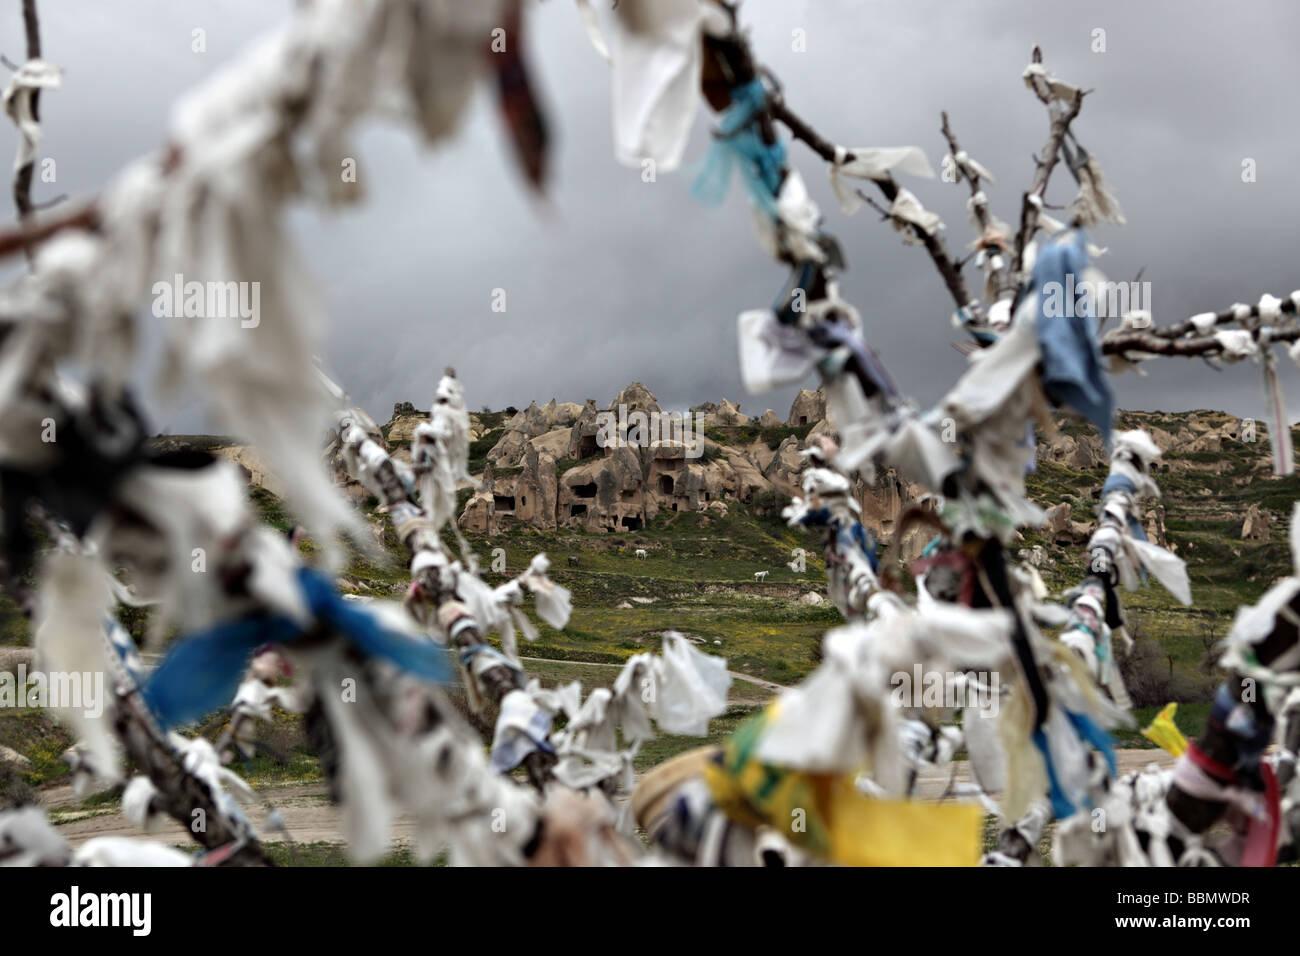 Un instantané de l'arbre des désirs que l'on appelle dans le pays de Cappadoce, Turquie. Banque D'Images